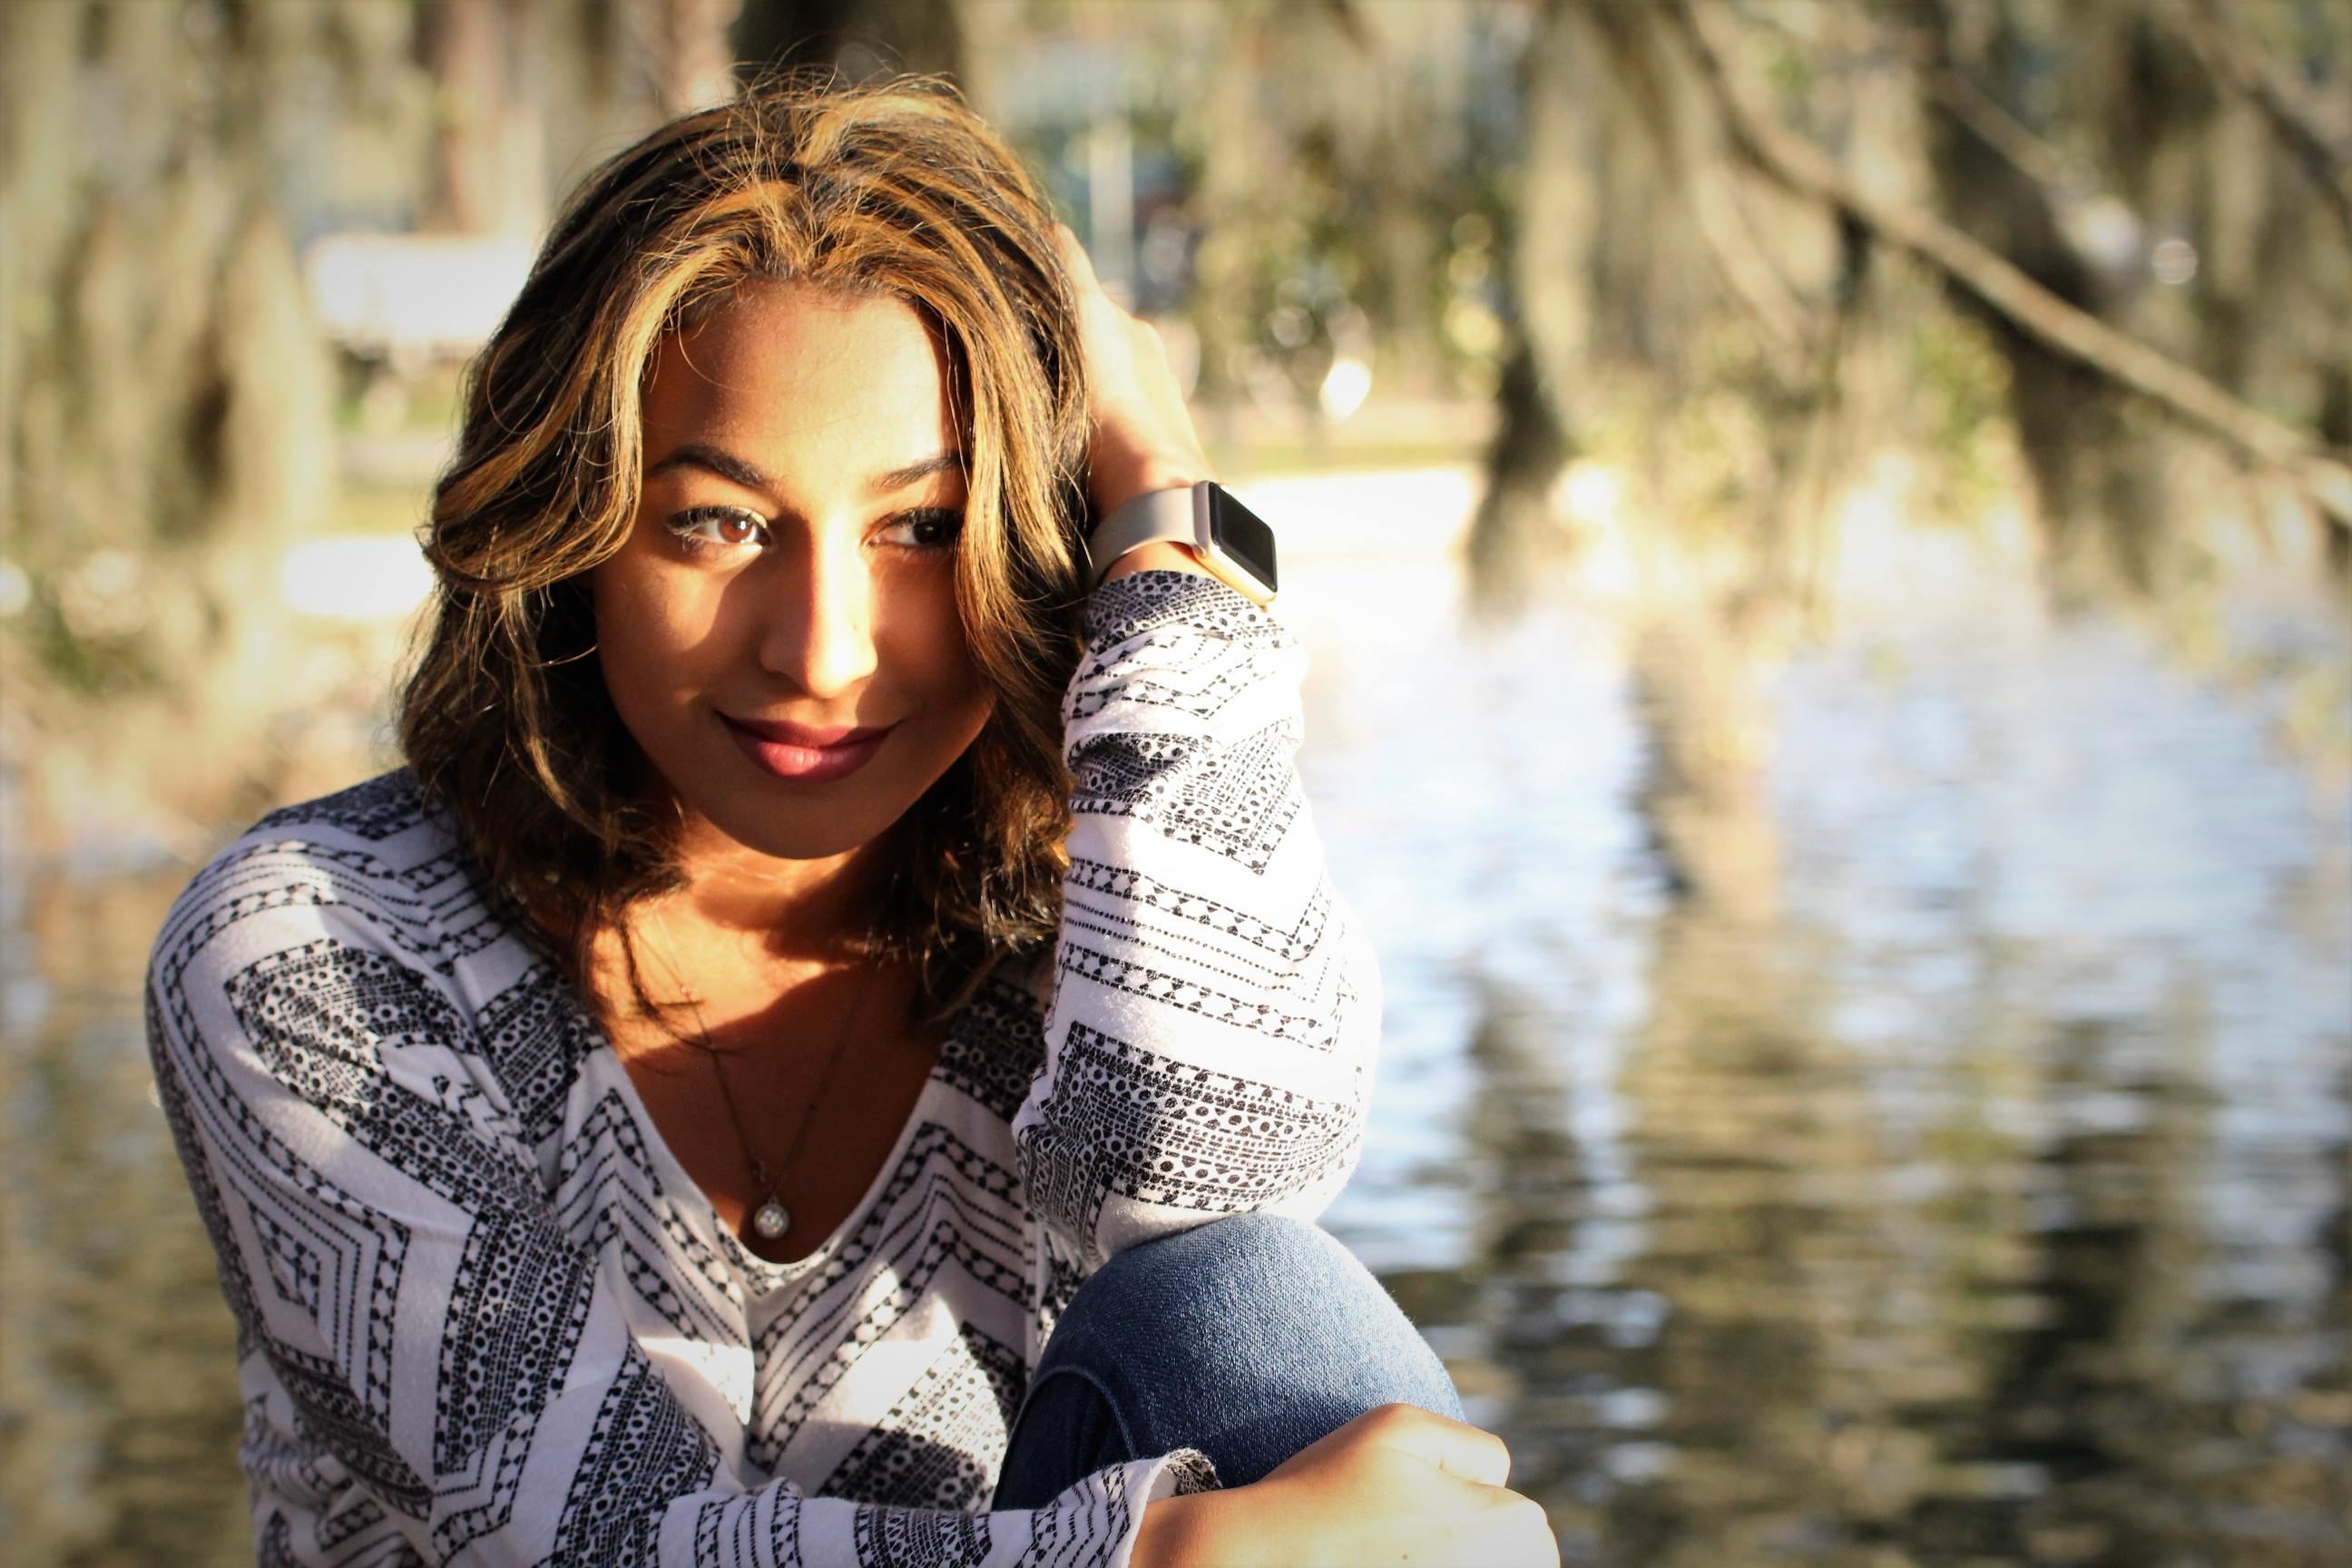 kiểu cảm xúc cô gái ngồi bên bờ hồ